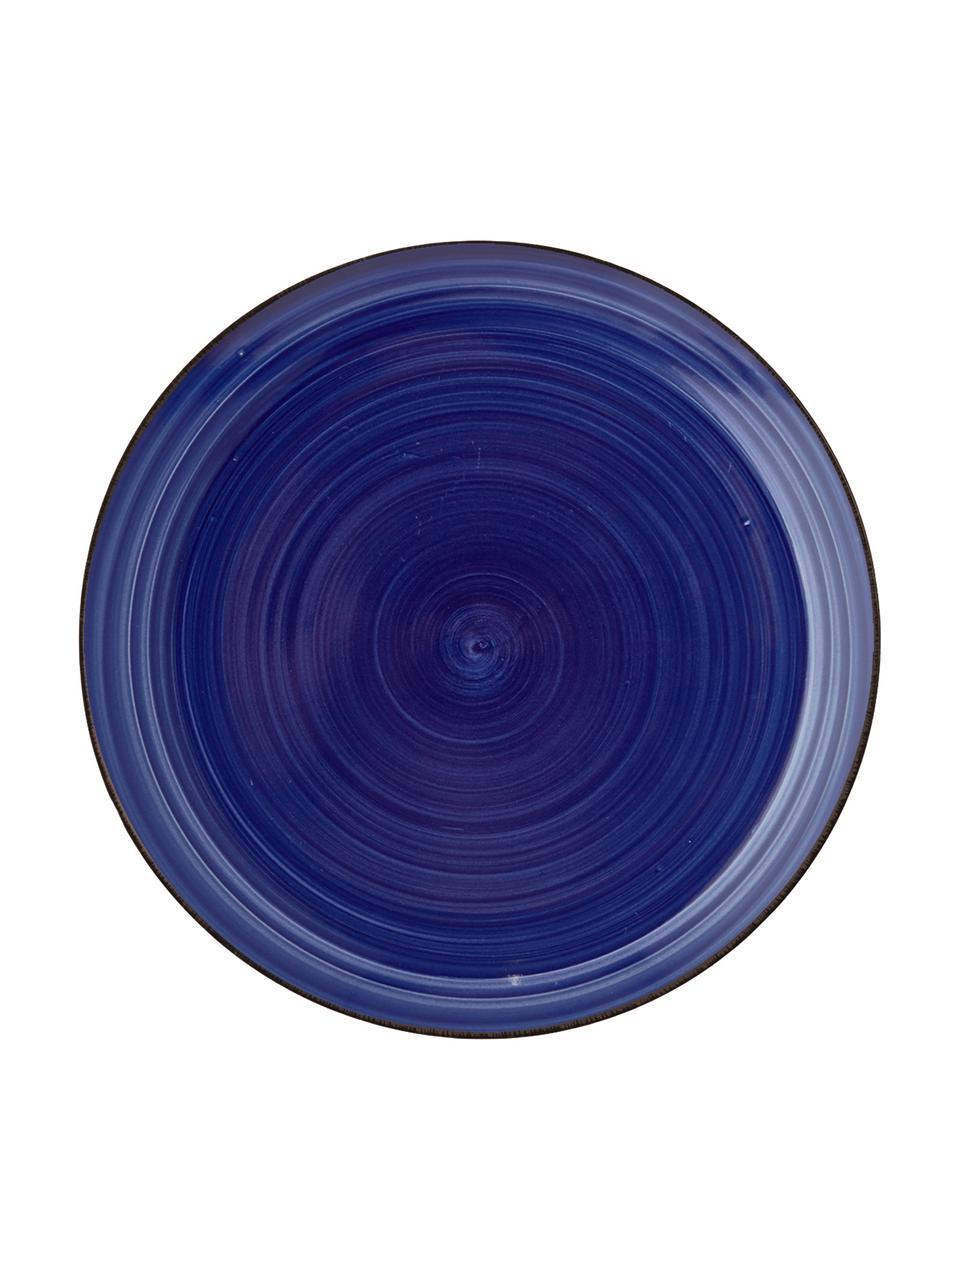 Set van 6 handbeschilderde ontbijtborden Baita in blauw, Handbeschilderde keramiek (hard dolomiet), Blauw, Ø 20 cm